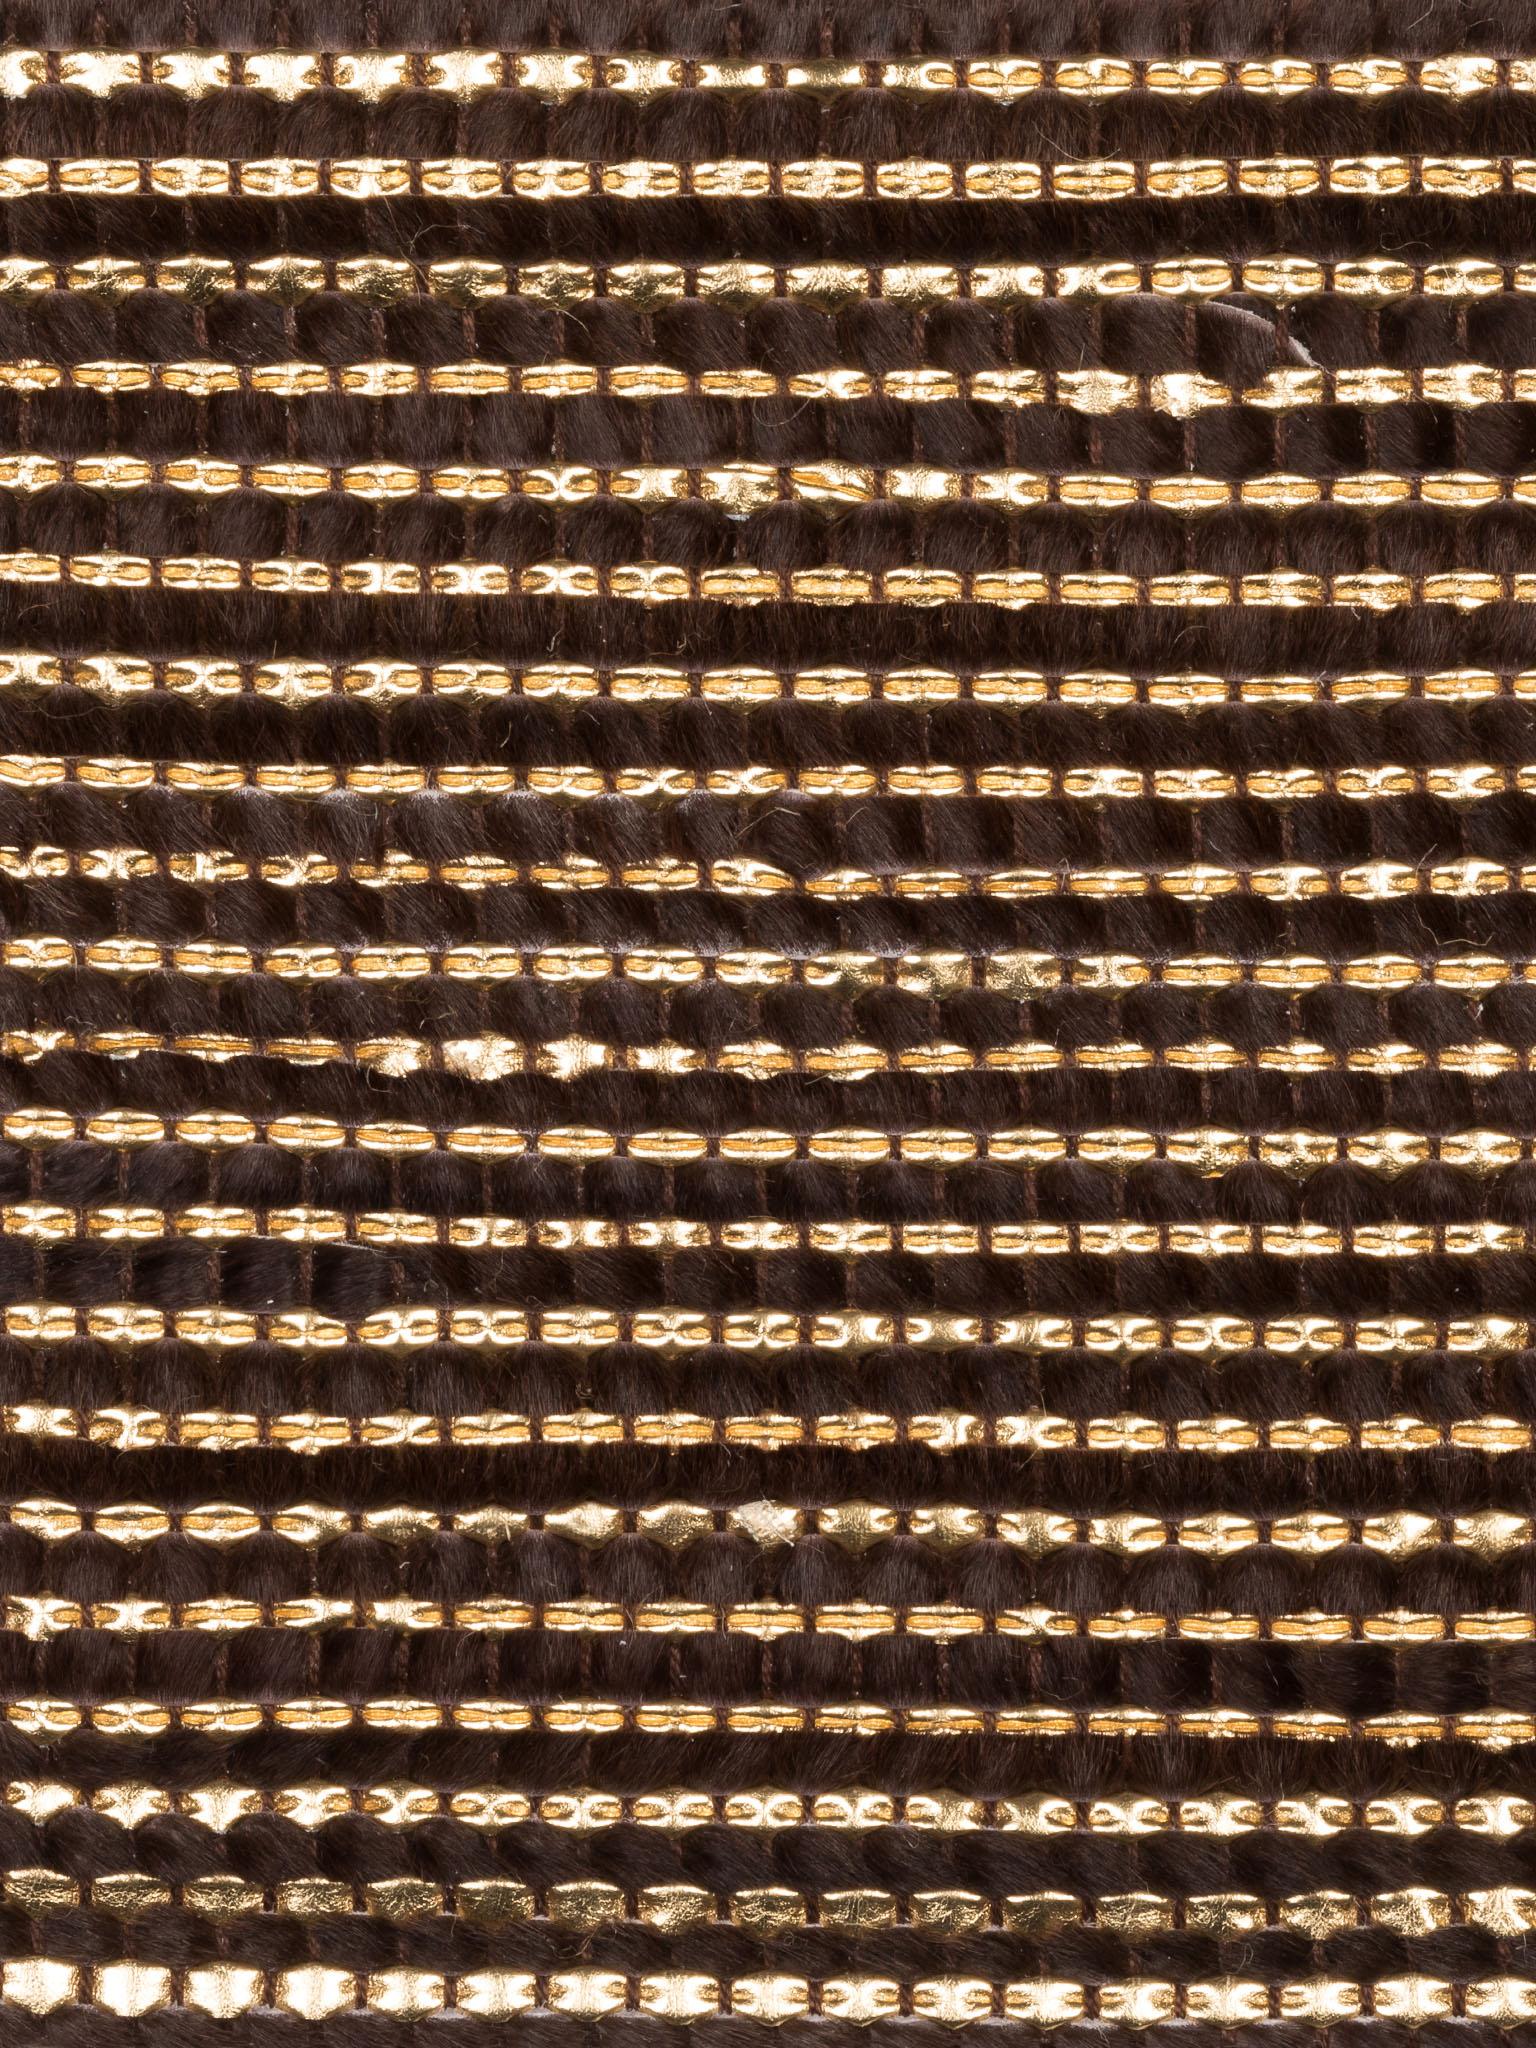 Chevalier Stripe HSSG090_BRMETGD